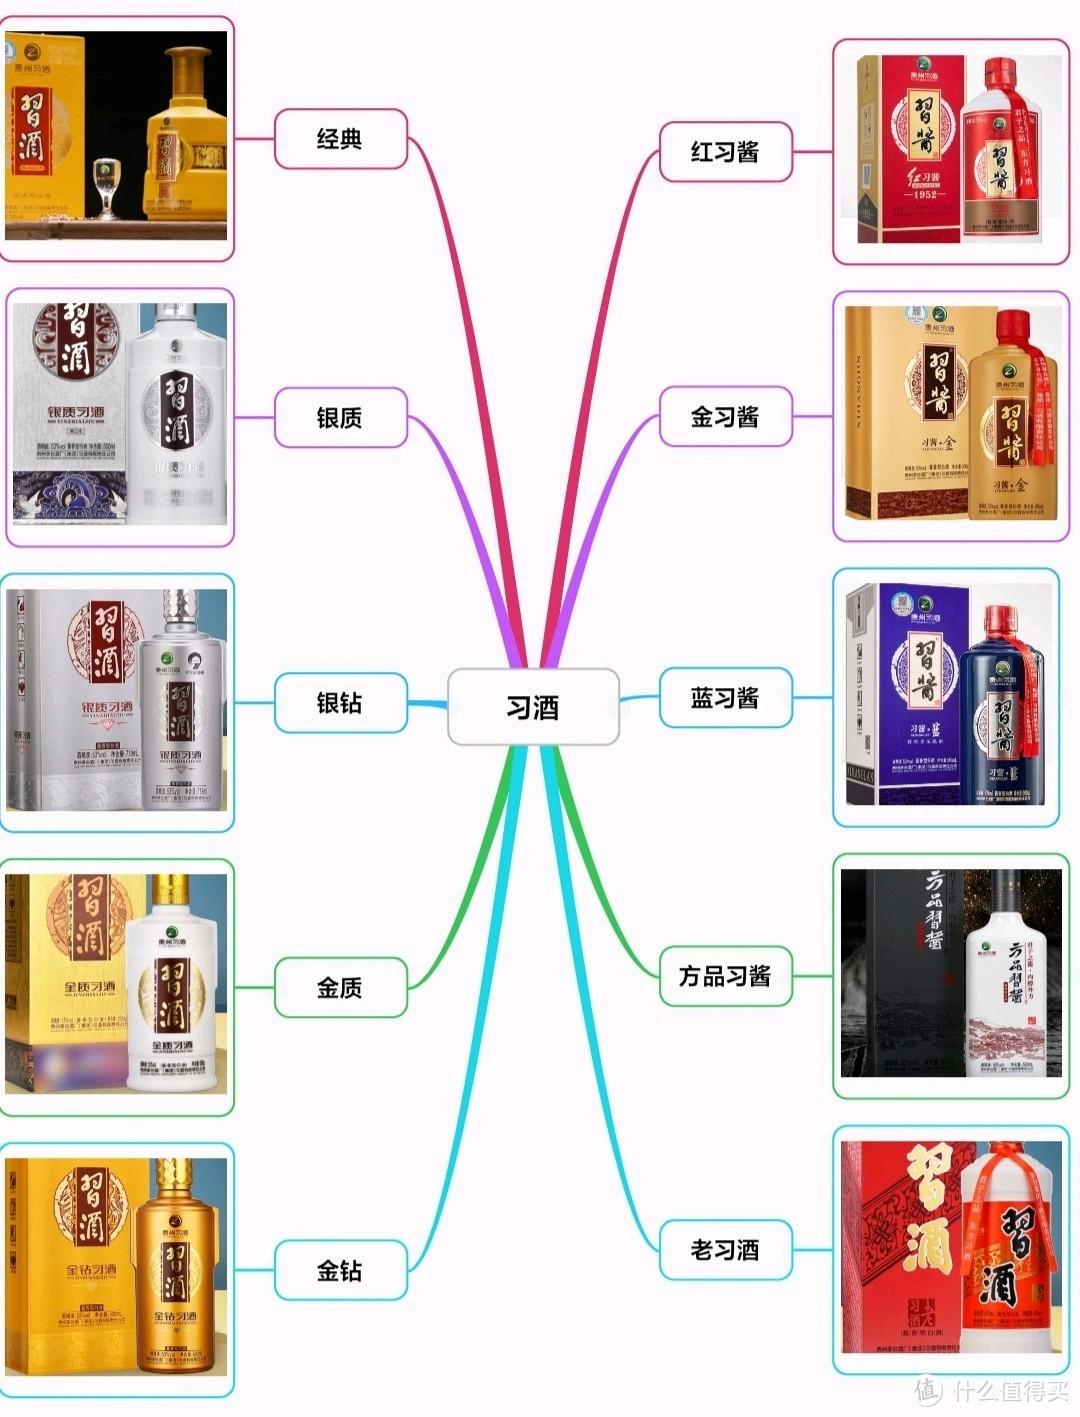 习酒10强